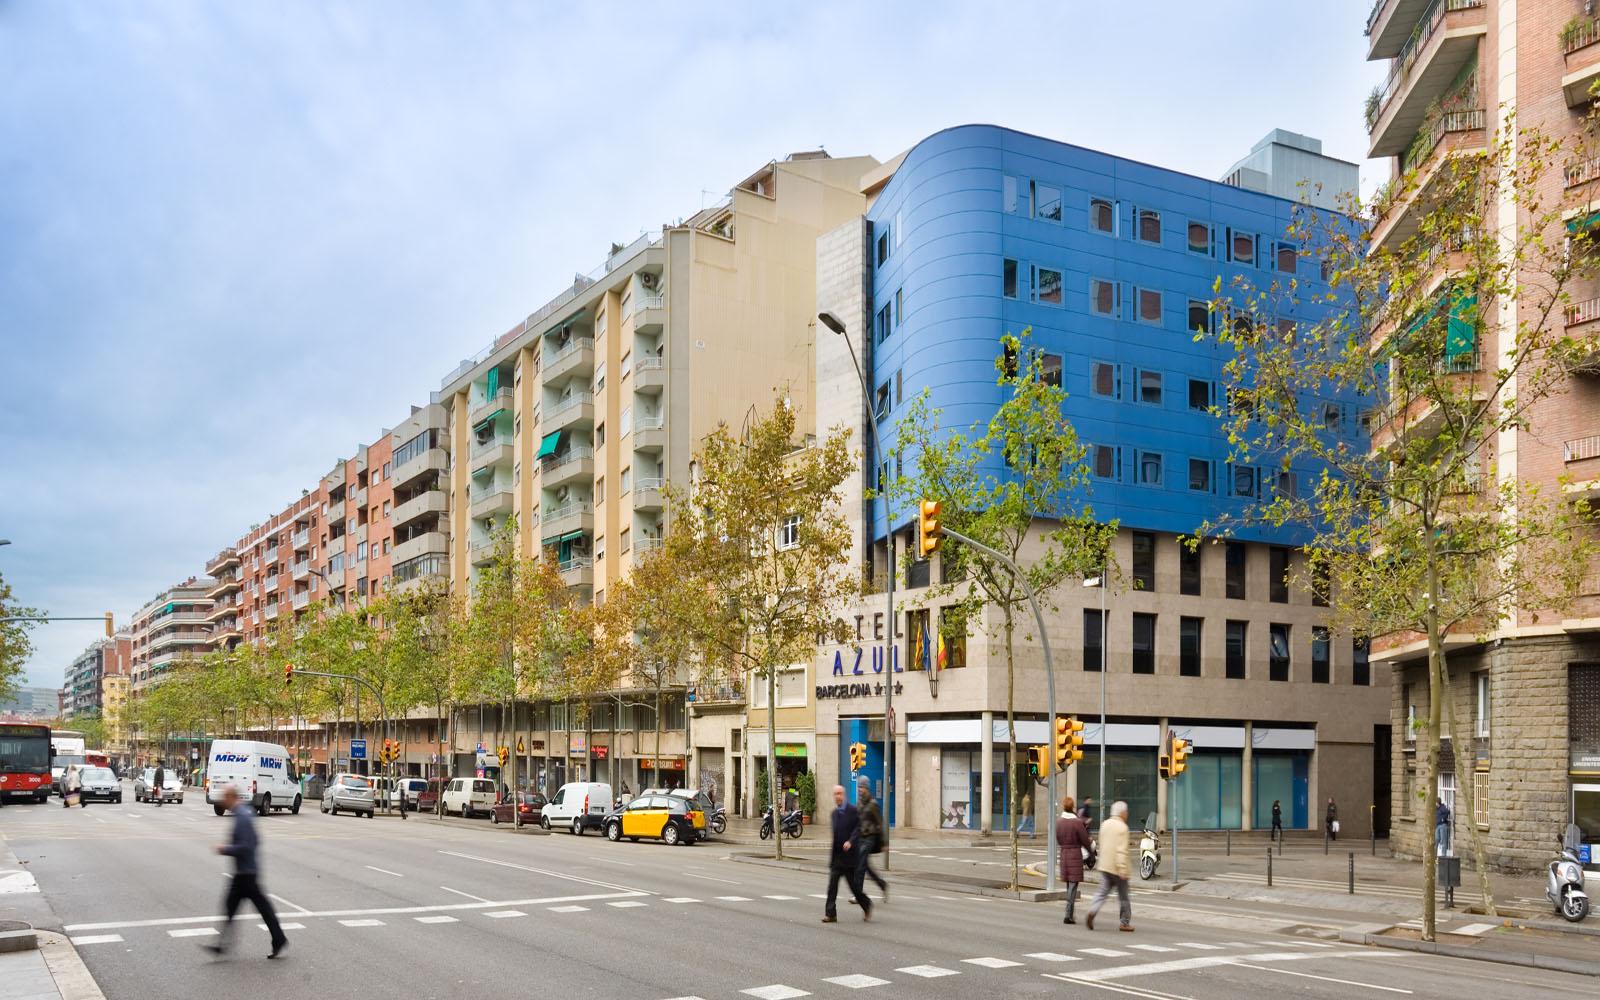 Hotel acta azul barcelona web oficial for Hotels a bcn